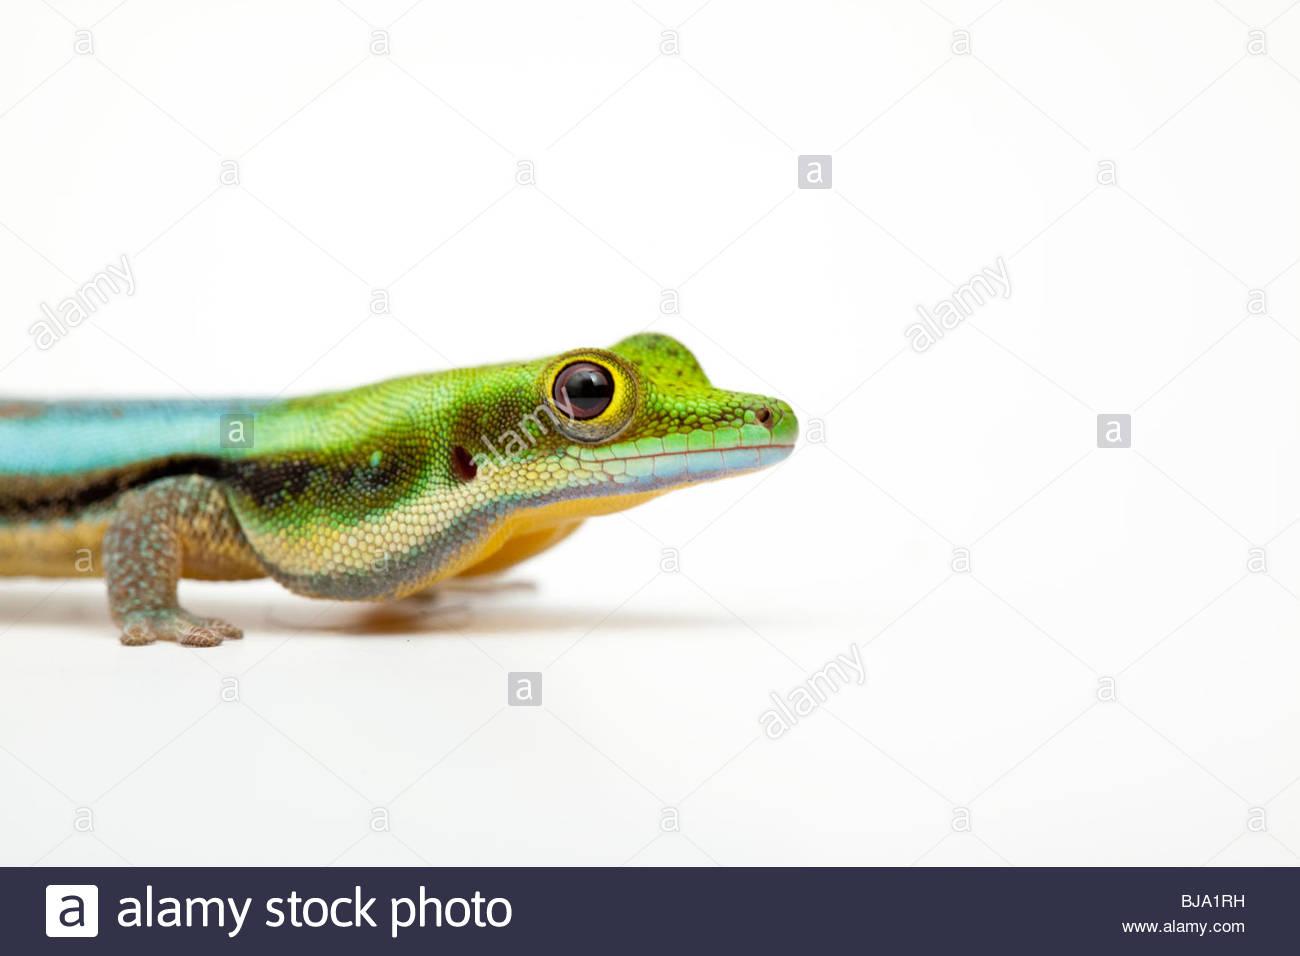 White Day Gecko Stock Photos & White Day Gecko Stock Images.